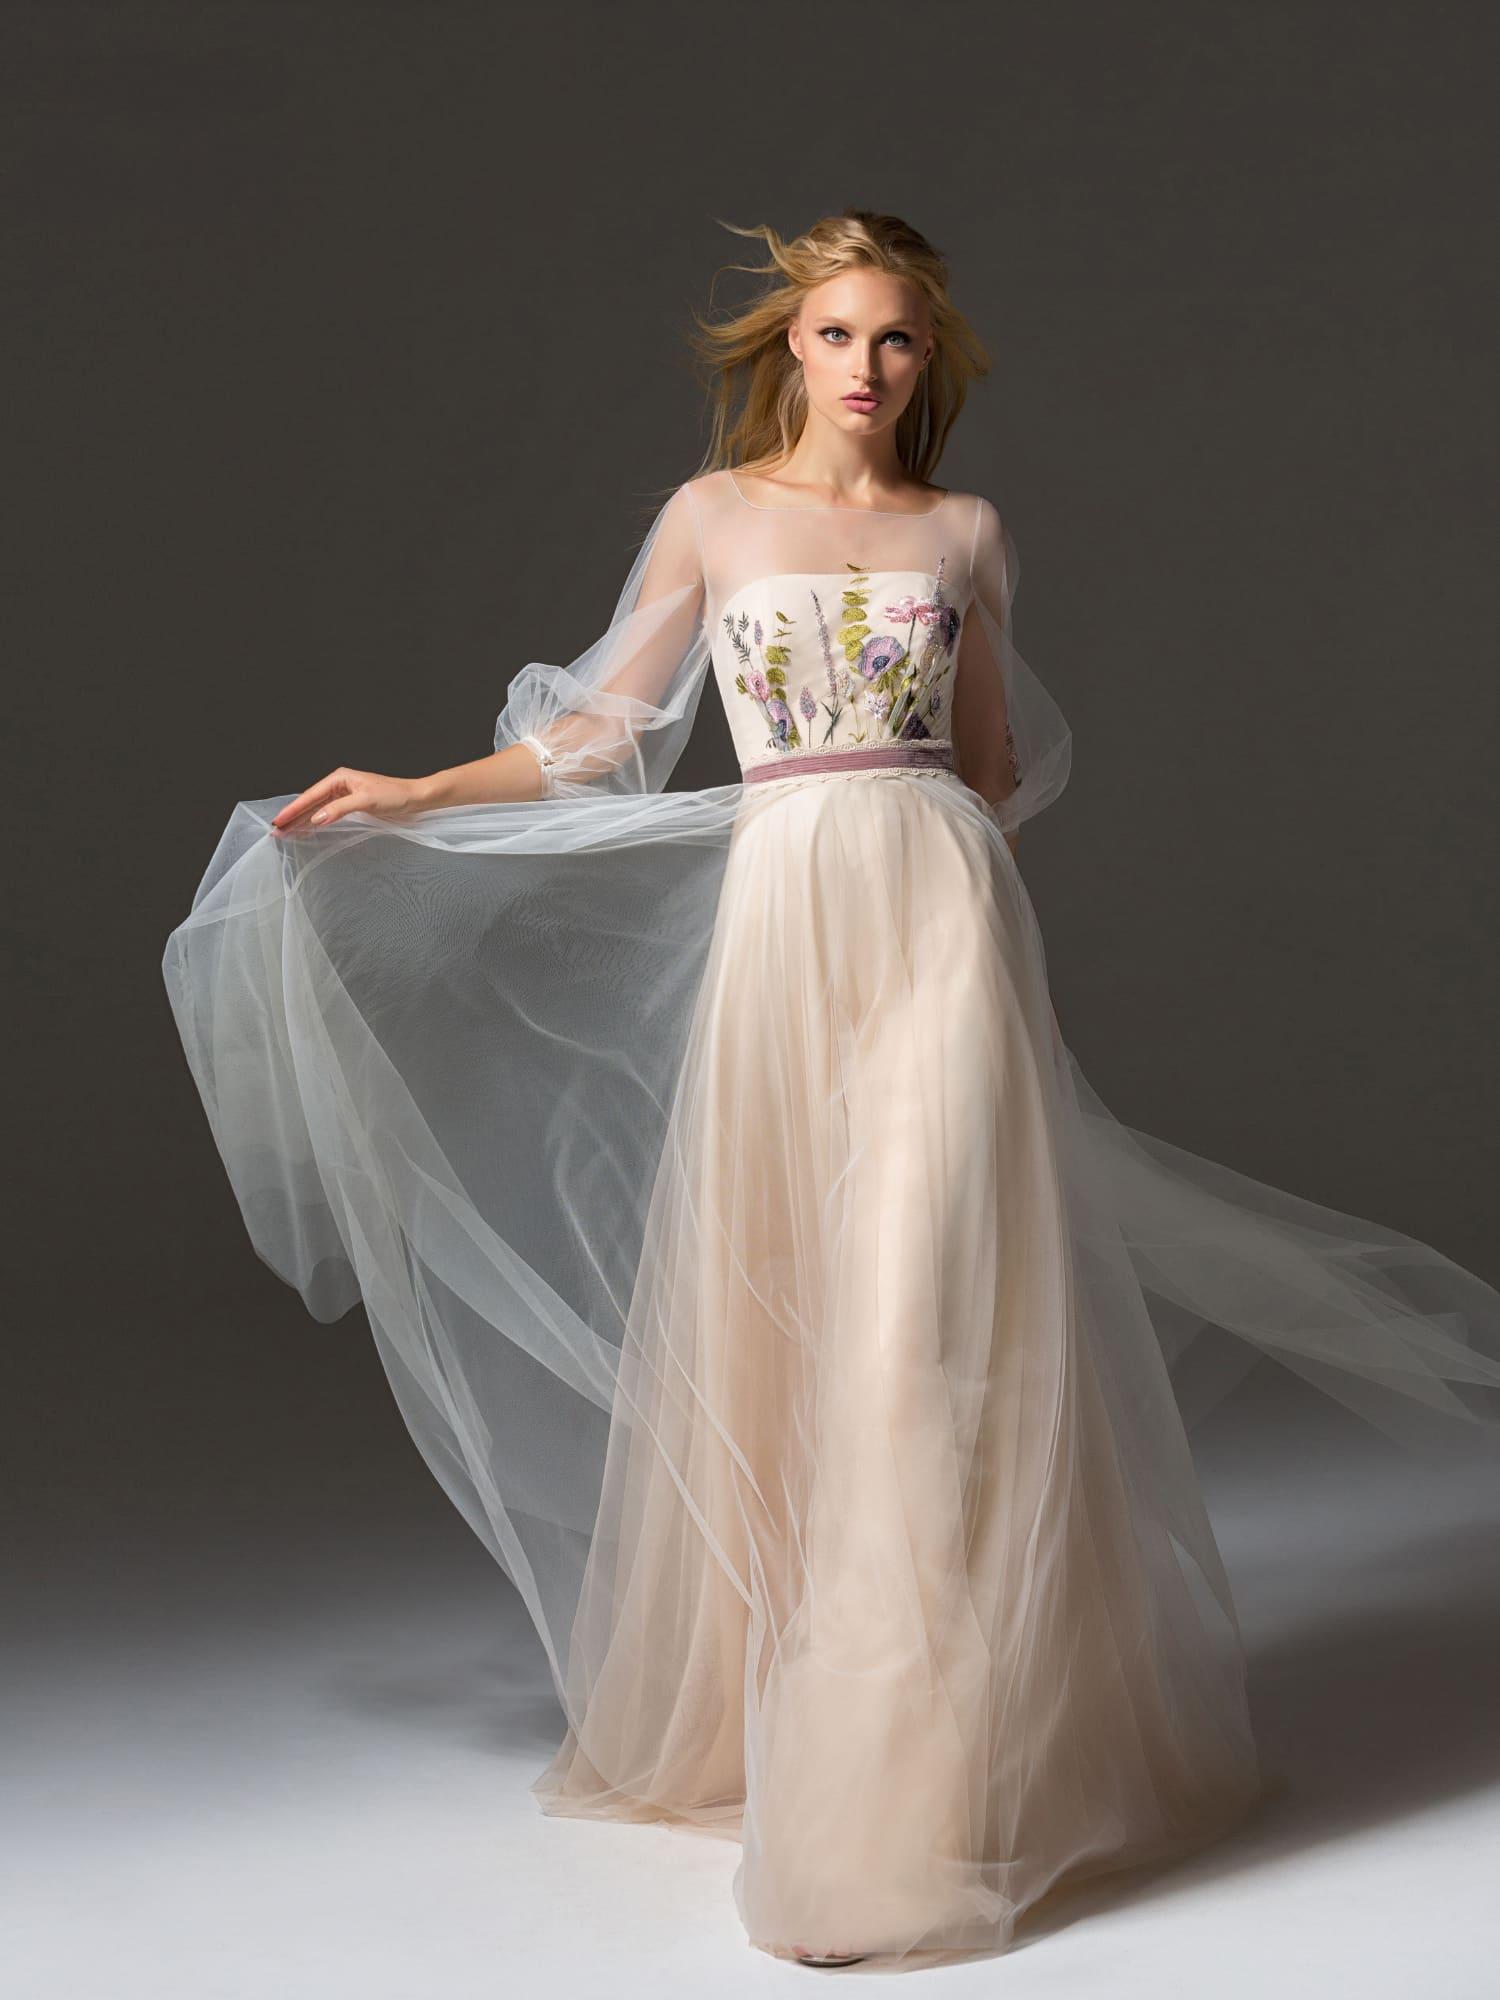 ac70b08cf995 Вечернее платье Papilio PV-0343 ▷ Свадебный Торговый Центр Вега в ...